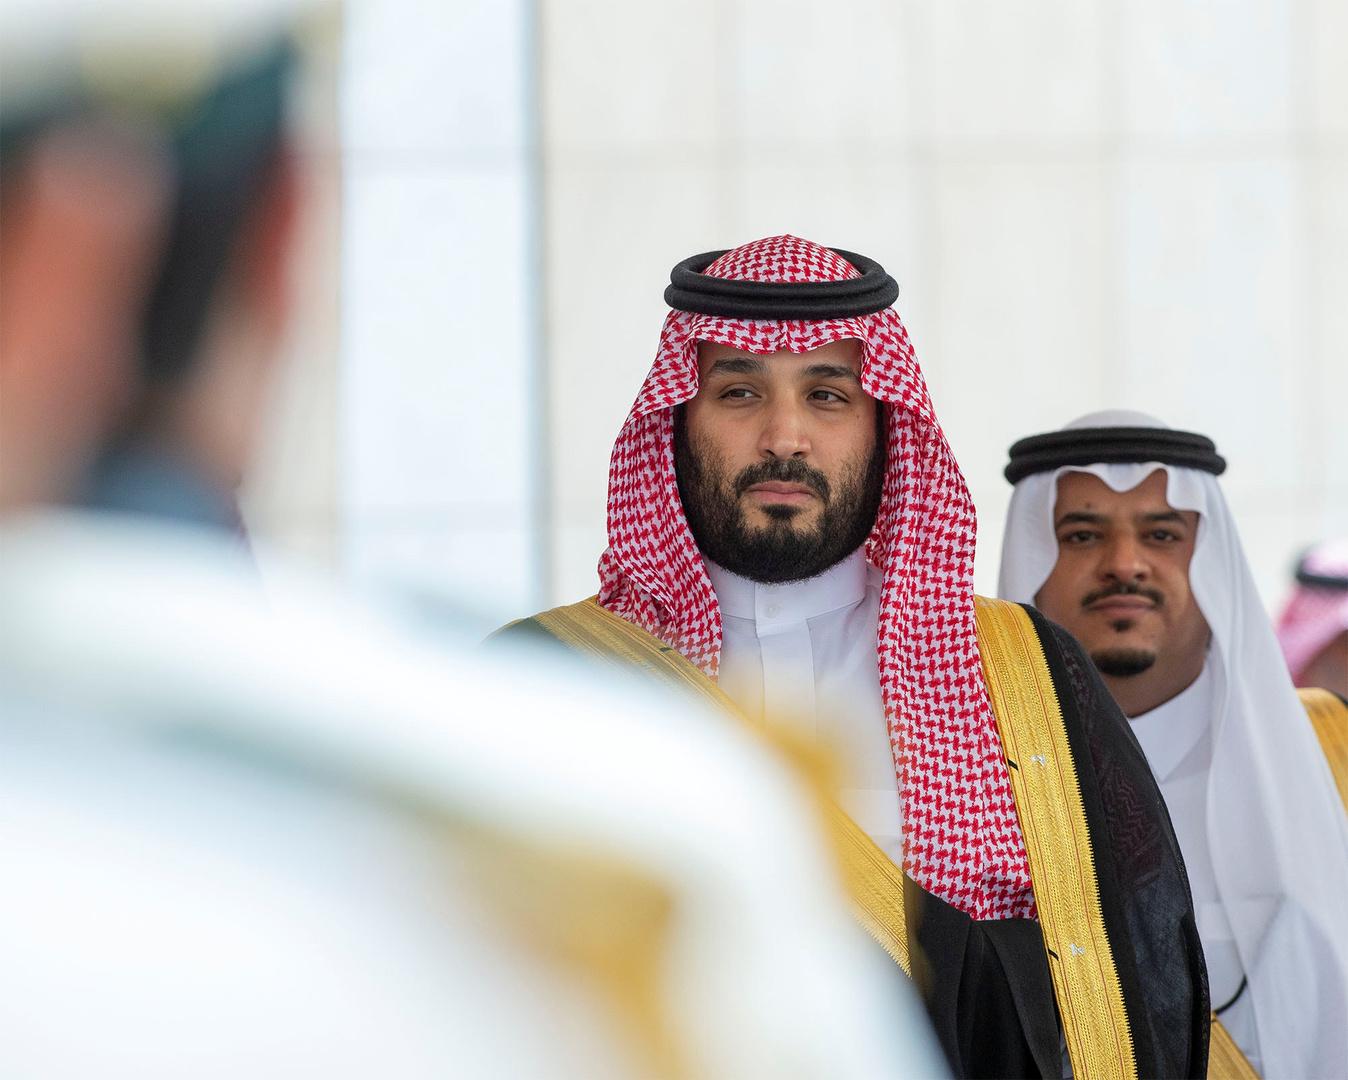 أمير سعودي مخضرم يفصح عن رأيه في محمد بن سلمان